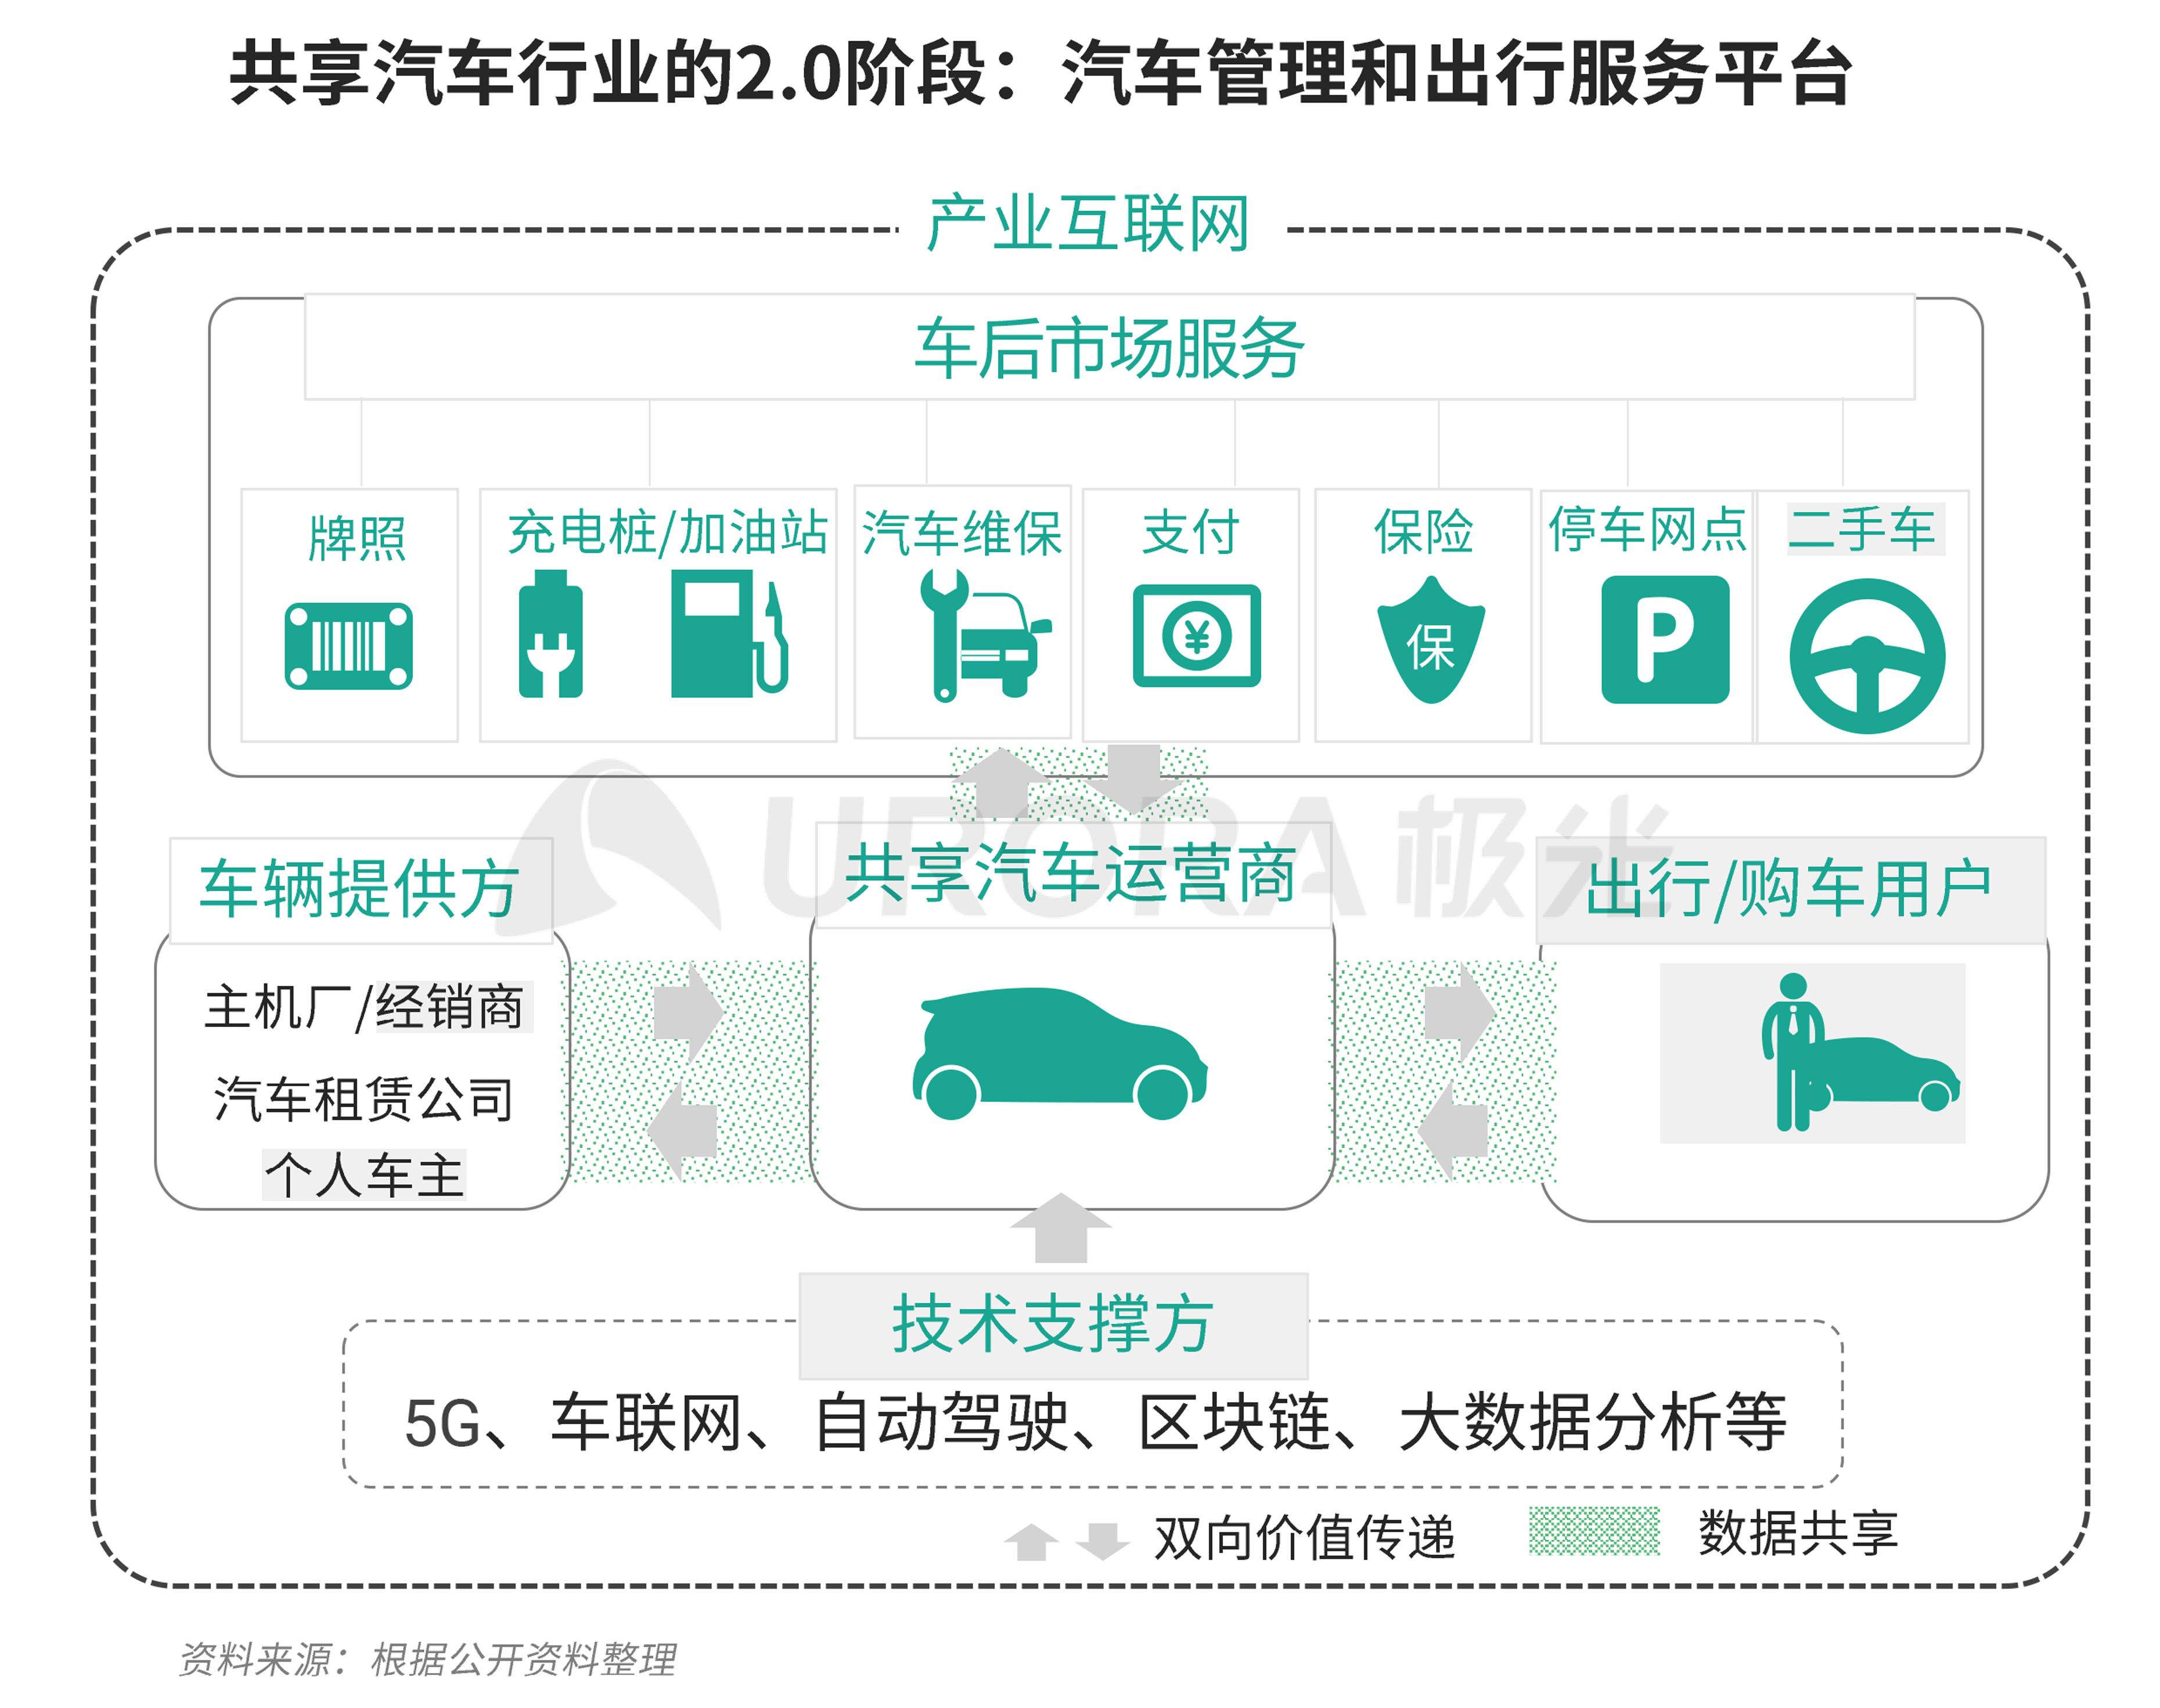 极光:汽车产业新格局 (24).png